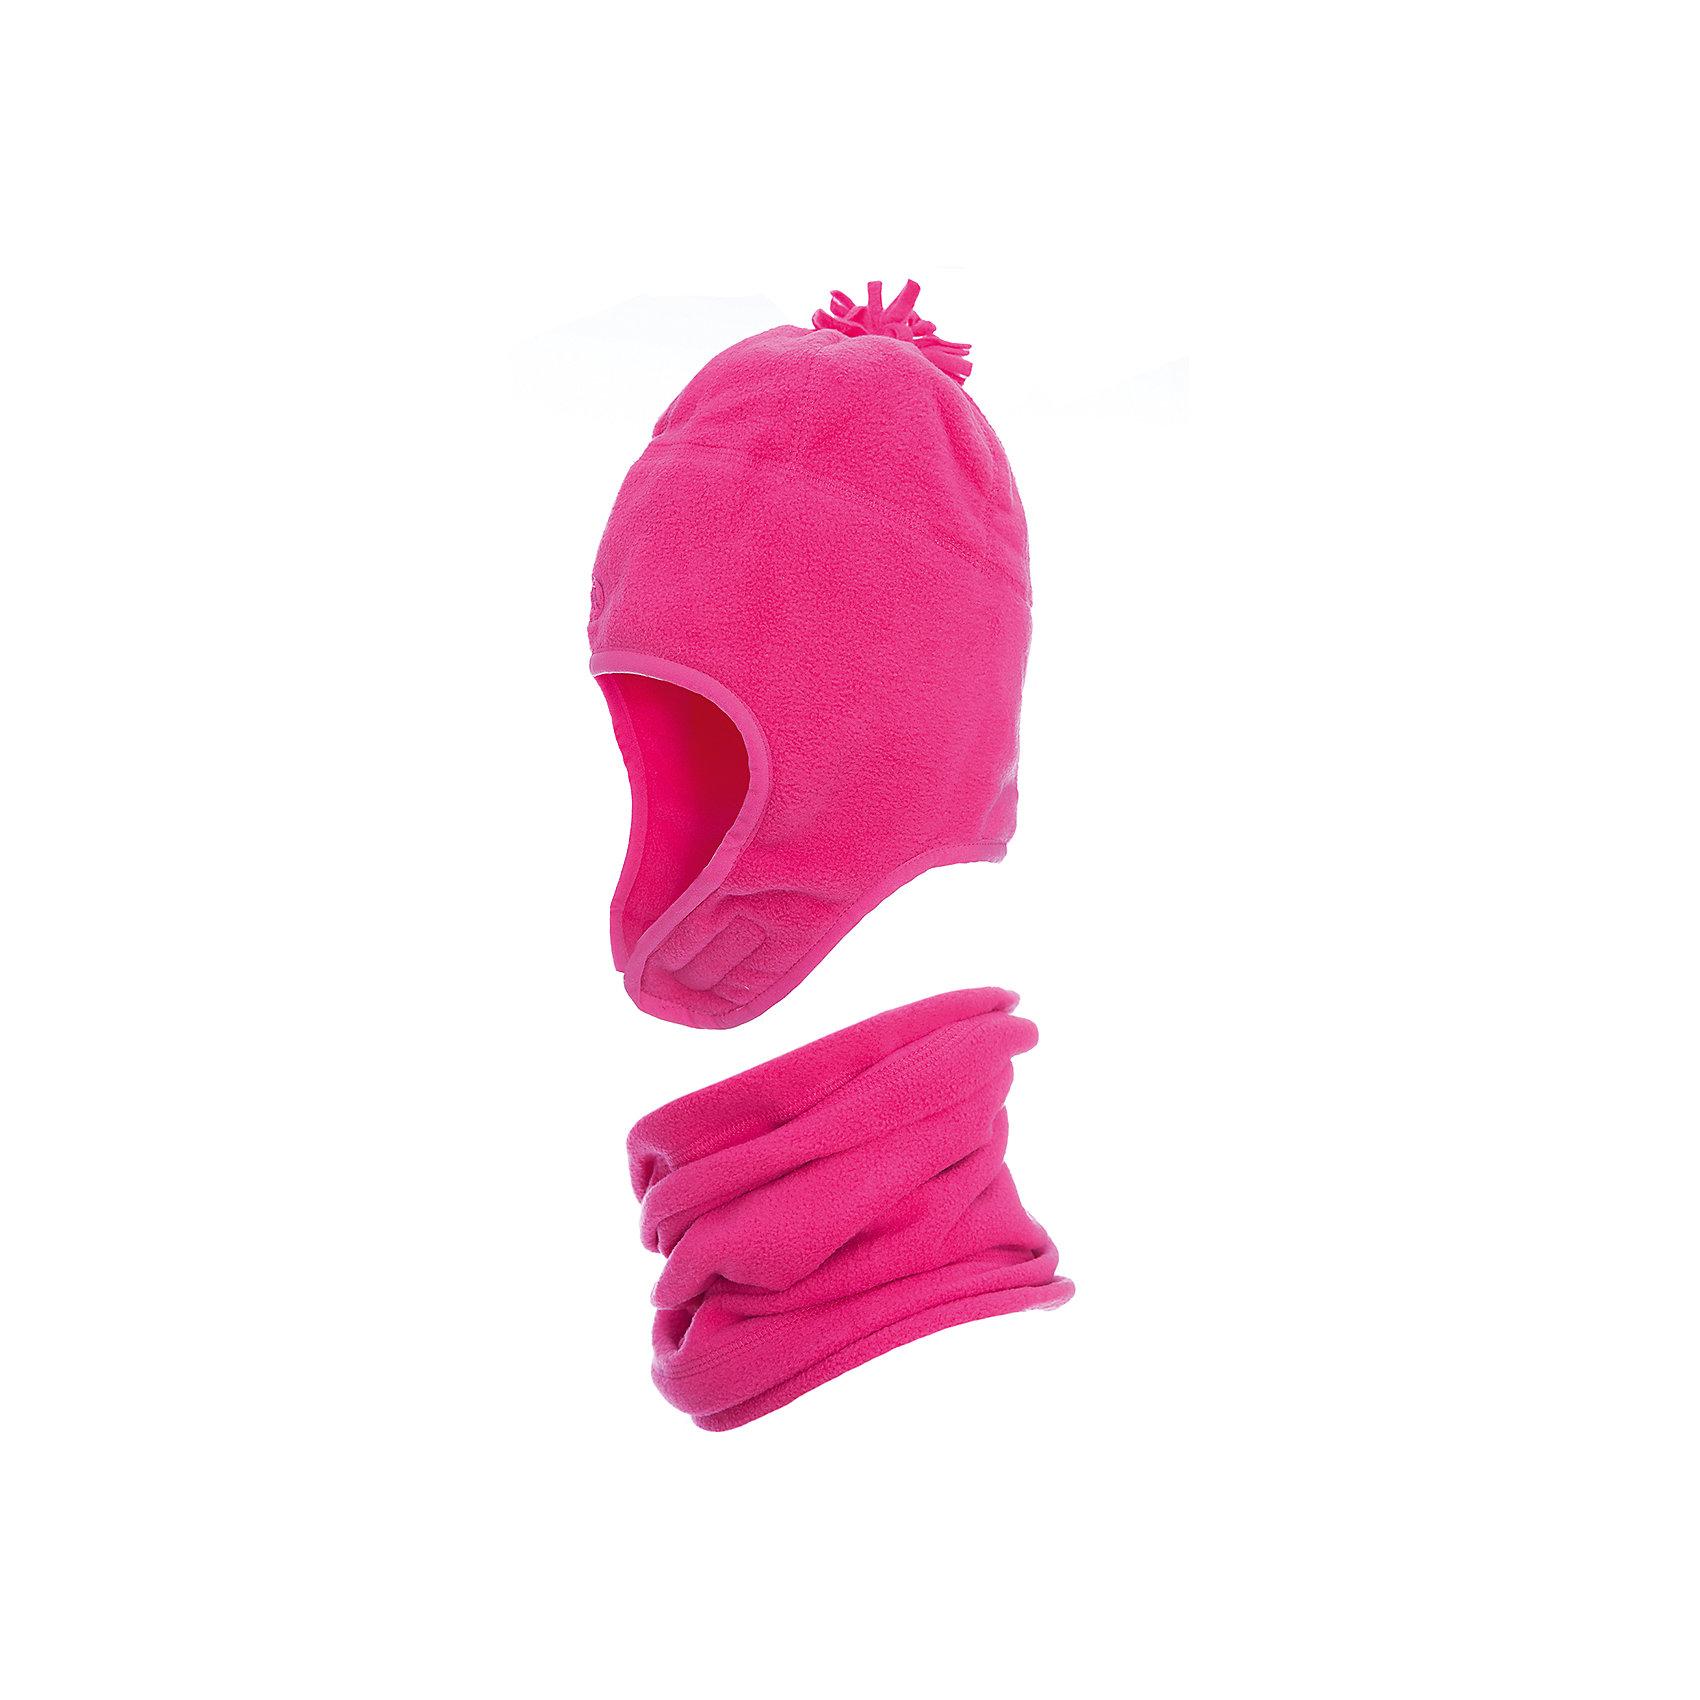 Комплект: шапка и шарф Premont для девочкиГоловные уборы<br>Характеристики товара:<br><br>• цвет: розовый<br>• комплектация: шапка и шарф <br>• состав ткани: флис, Polar fleece<br>• подкладка: флис, Polar fleece<br>• сезон: демисезон<br>• температурный режим: от -10 до +5<br>•  двойной флис в зоне ушей и лба<br>• застежка: липучка<br>• страна бренда: Канада<br>• страна изготовитель: Китай<br><br>Этот  детский комплект сшит из мягкого теплого флиса. Модный зимний комплект для ребенка состоит из оригинальной шапки и шарфа-снуда. Детский теплый шарф-снуд ребенок легко наденет самостоятельно. Шапка с помпоном - на липучке.  <br><br>Комплект: шапка и шарф для девочки  Premont (Премонт) можно купить в нашем интернет-магазине.<br><br>Ширина мм: 89<br>Глубина мм: 117<br>Высота мм: 44<br>Вес г: 155<br>Цвет: розовый<br>Возраст от месяцев: 60<br>Возраст до месяцев: 120<br>Пол: Женский<br>Возраст: Детский<br>Размер: 54,48,50,52<br>SKU: 7088443